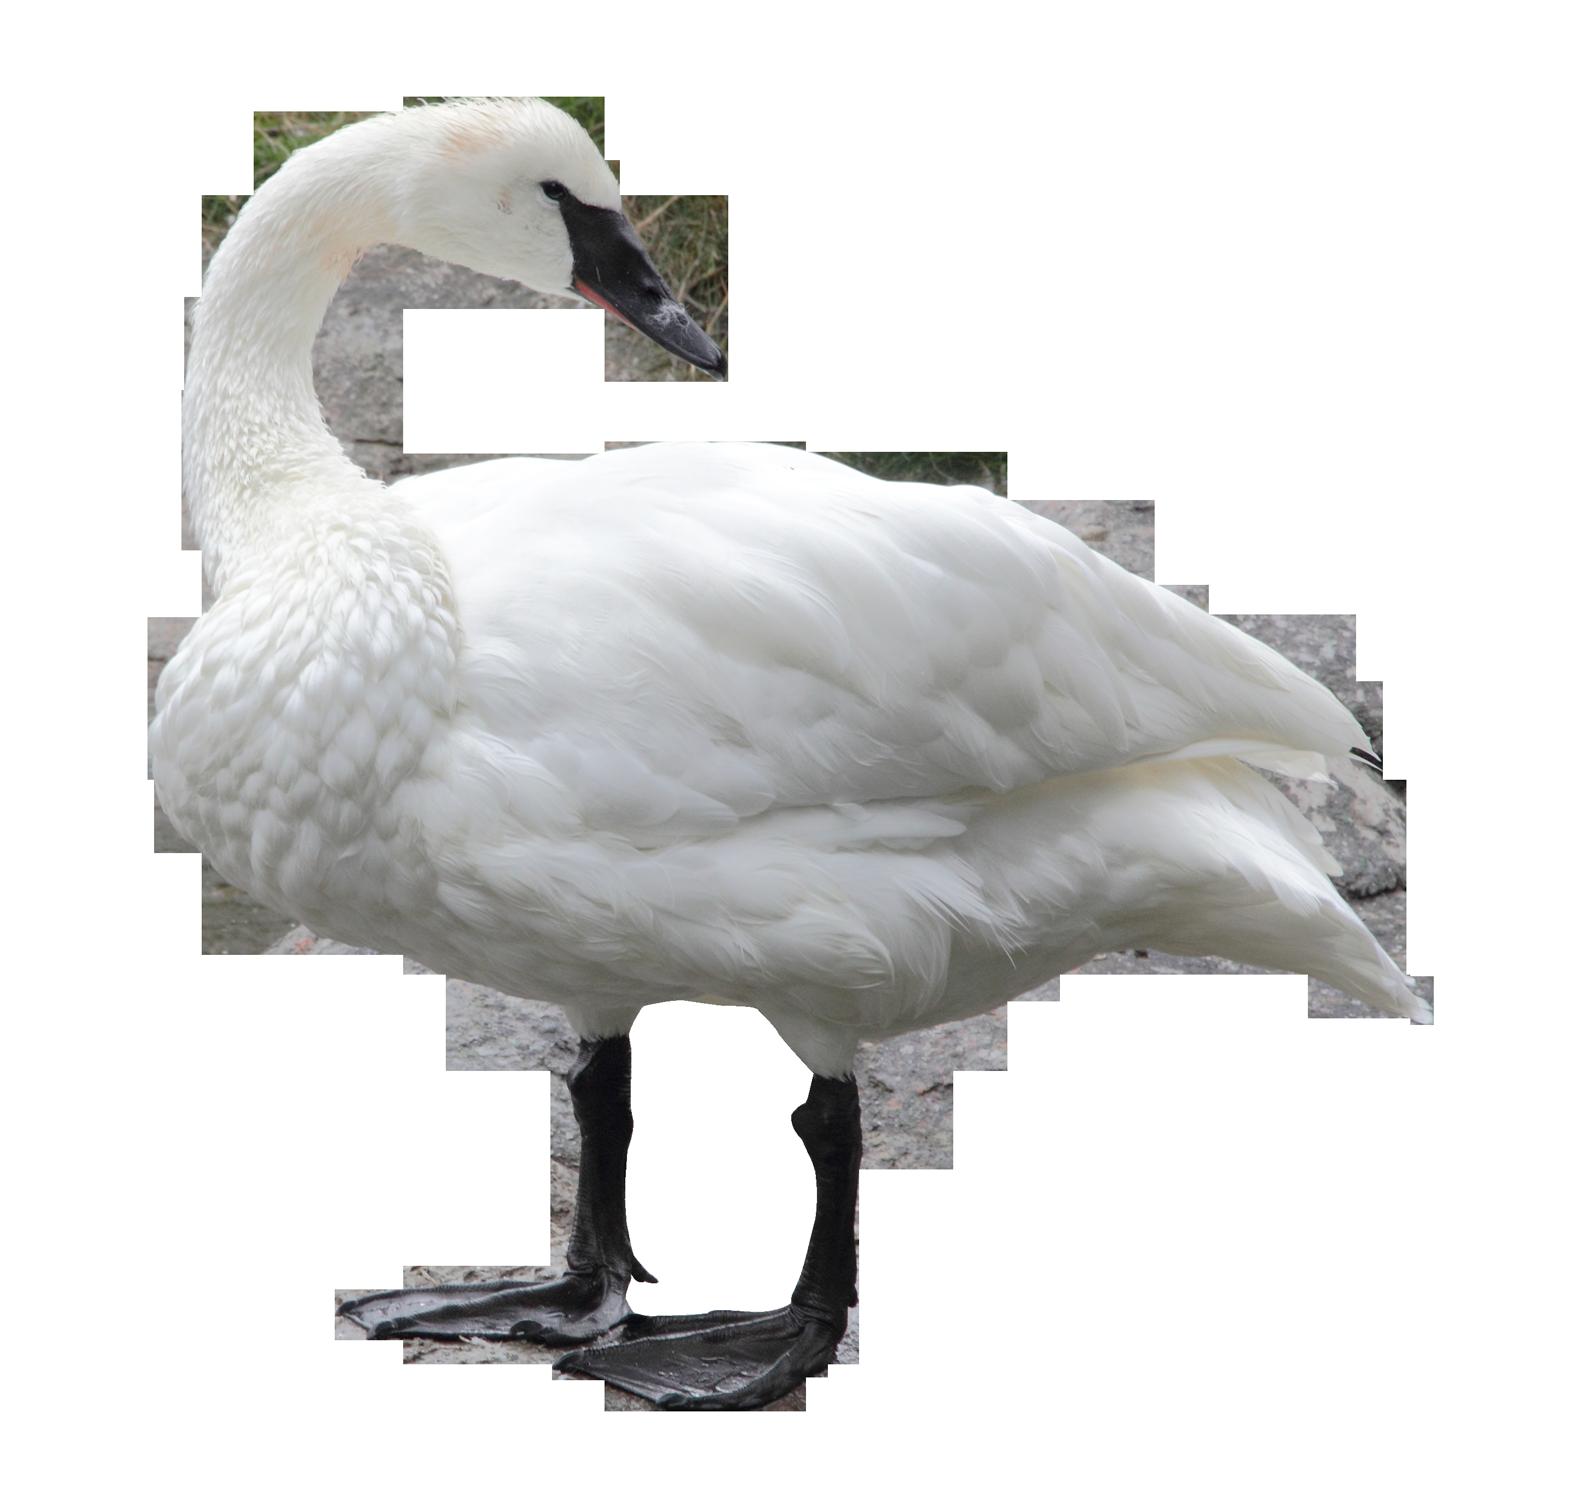 Swan PNG Transparent Image - Swan PNG